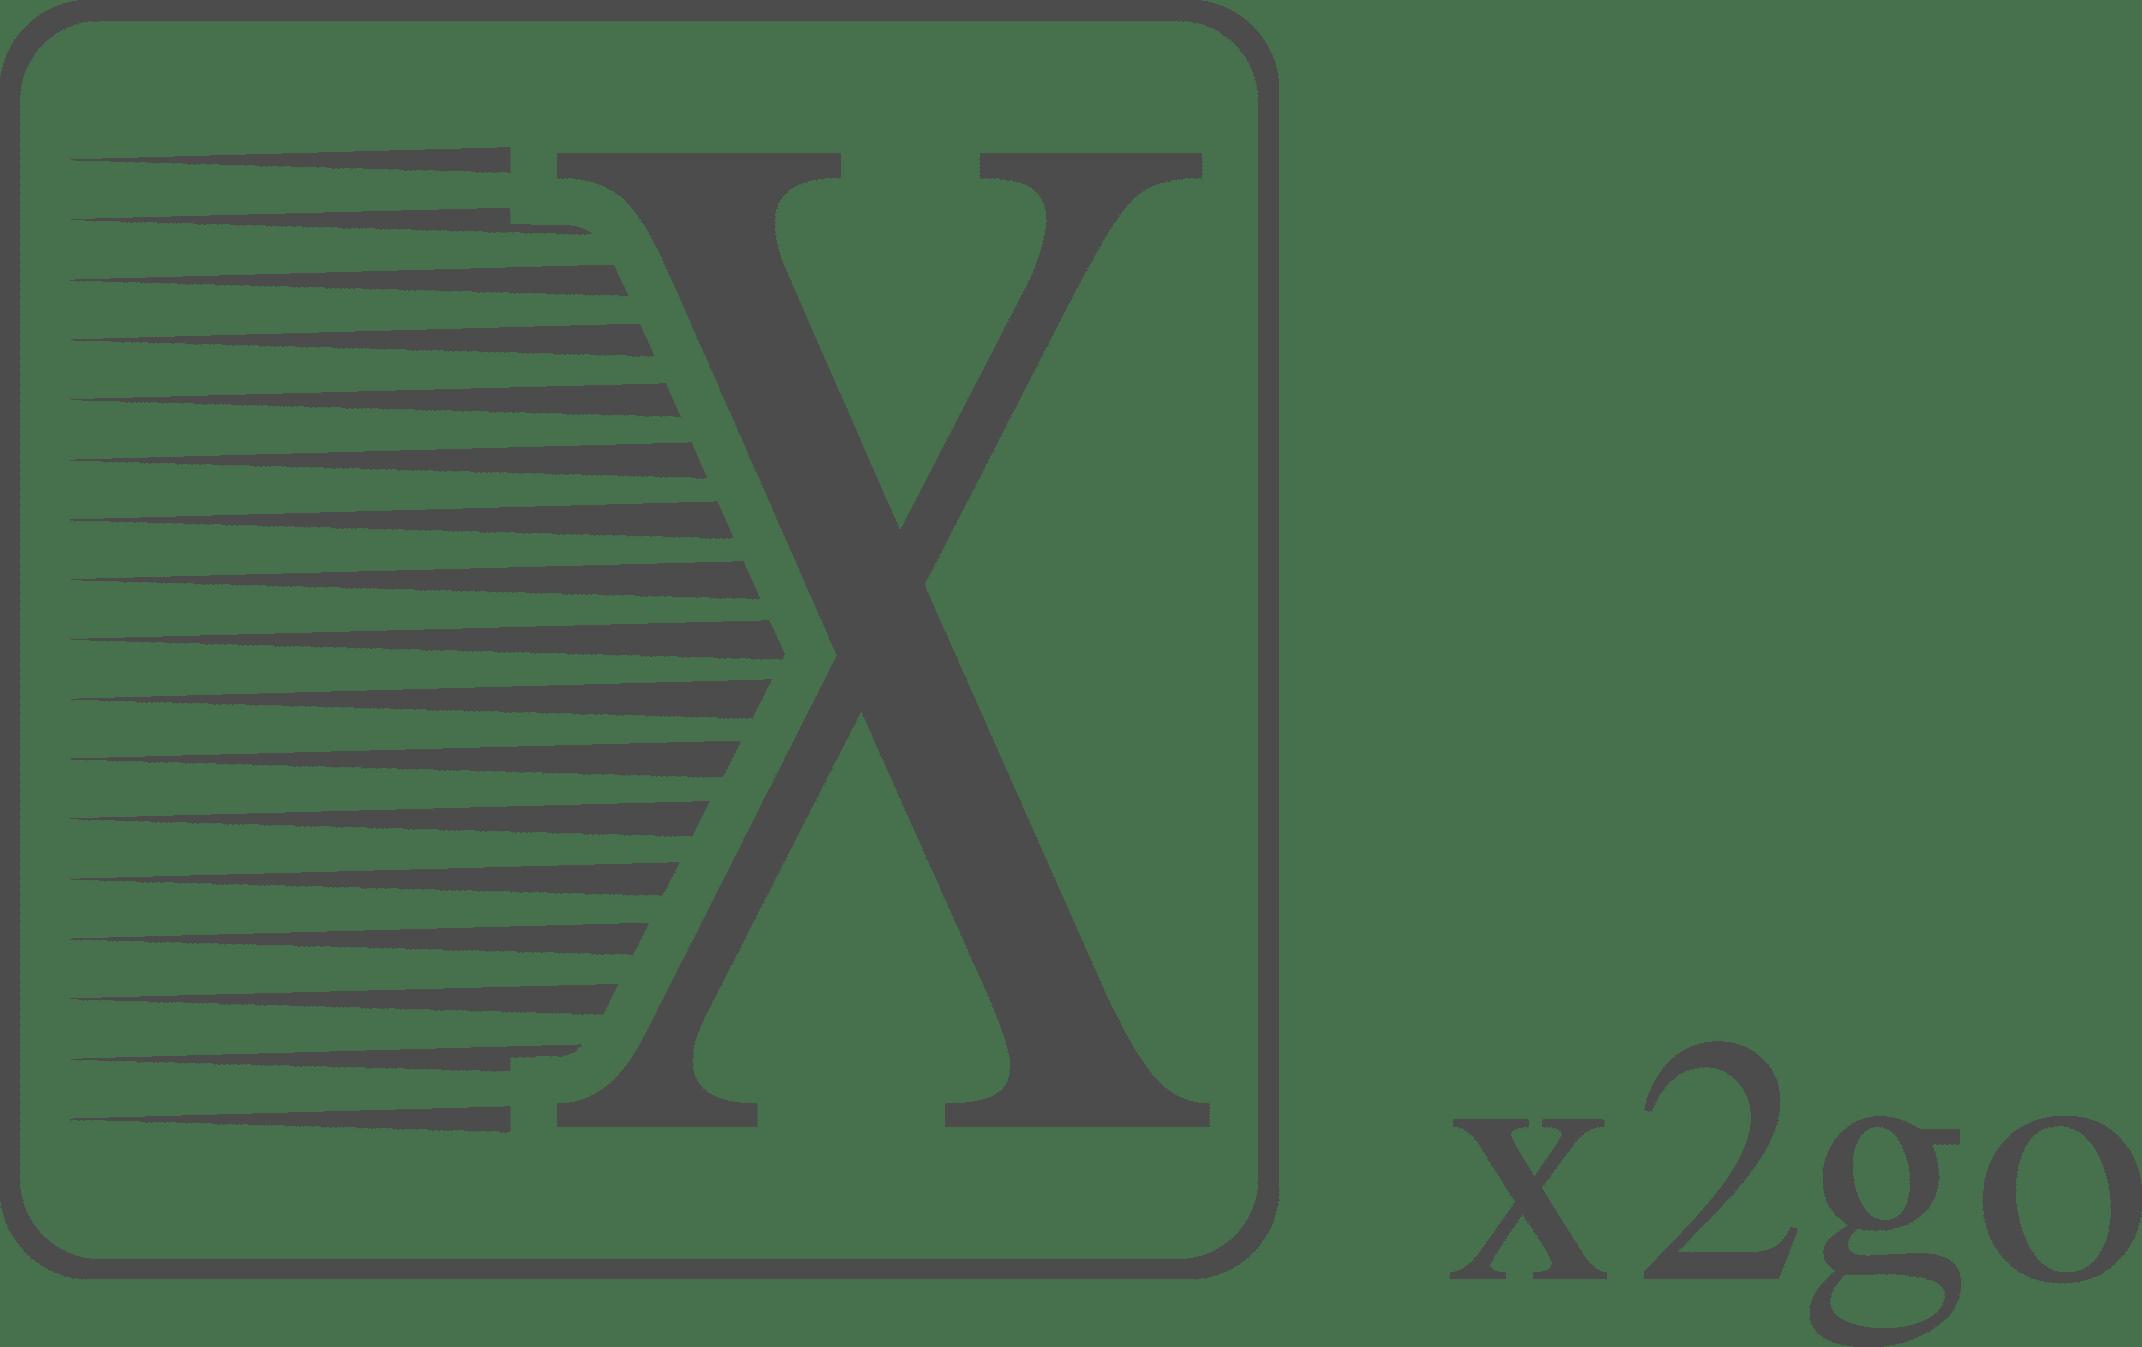 Présentation de X2Go